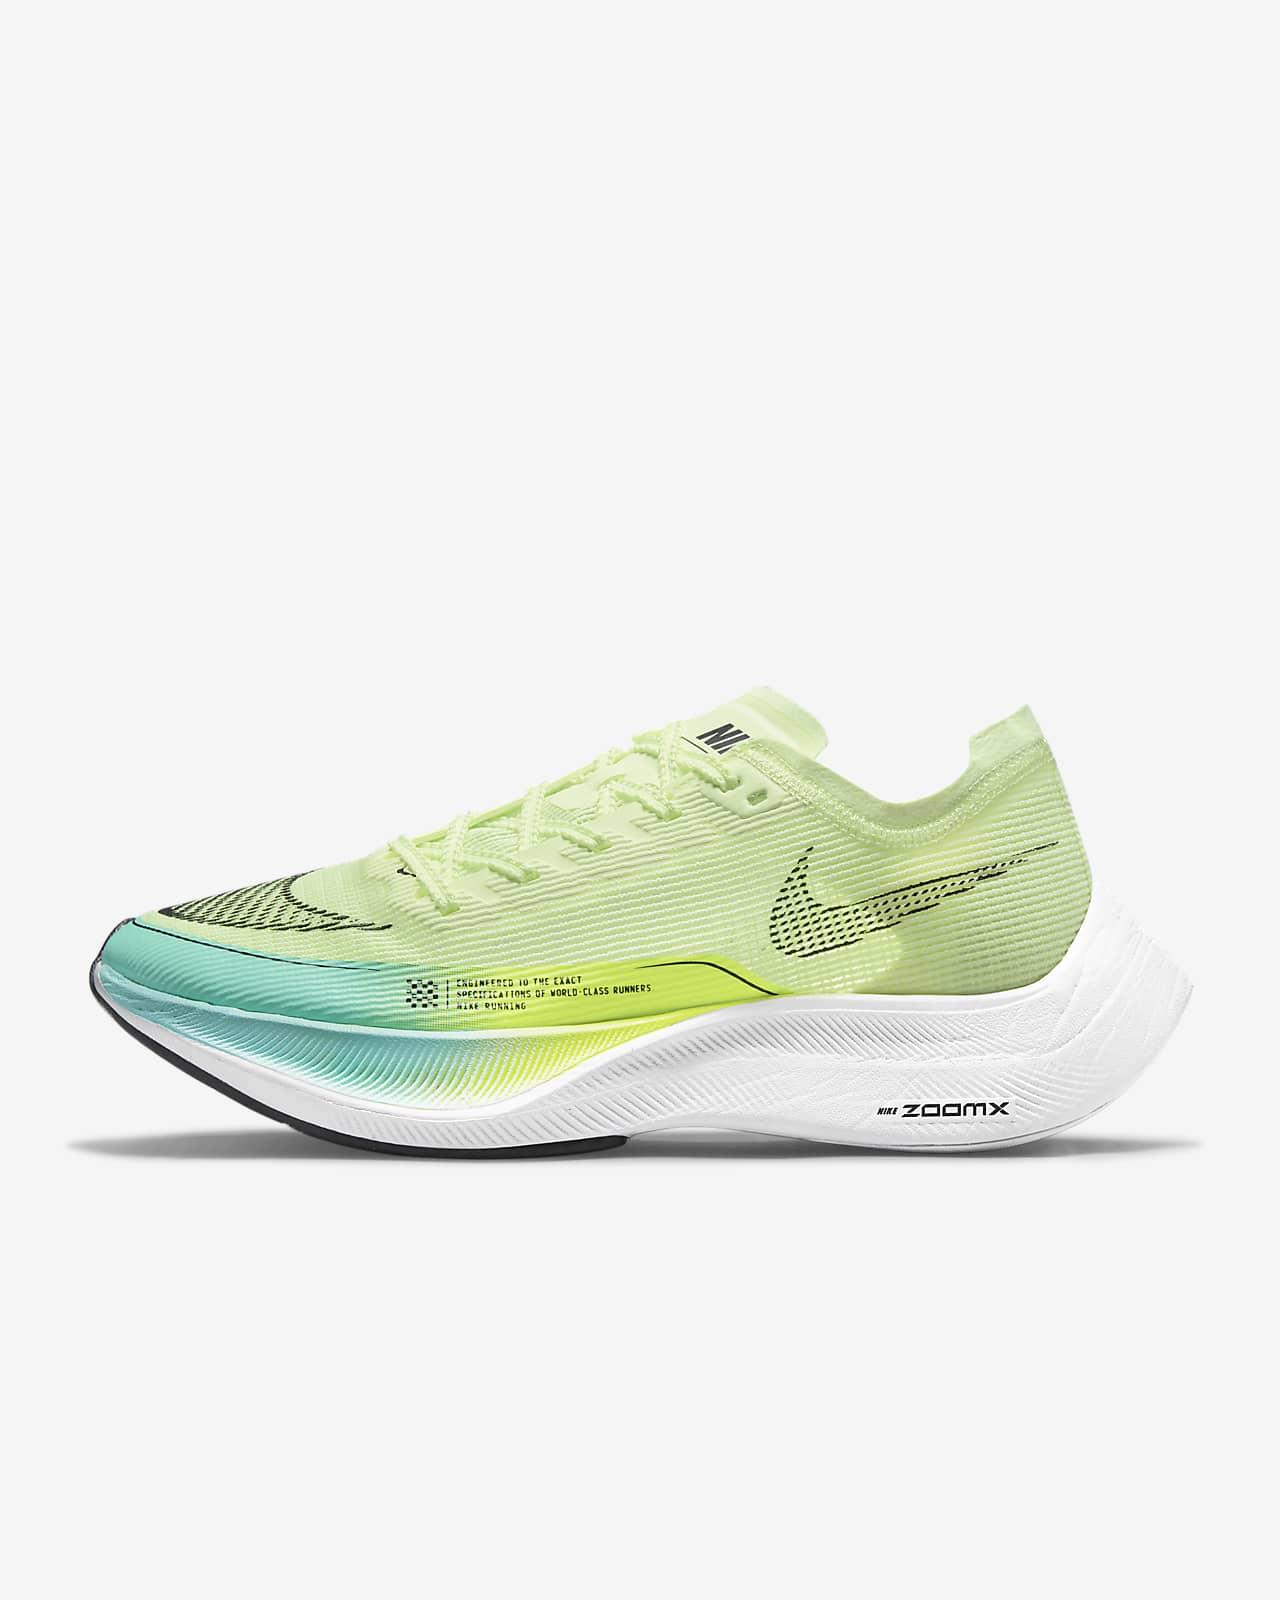 Nike ZoomX Vaporfly Next% 2 女款路跑競速鞋